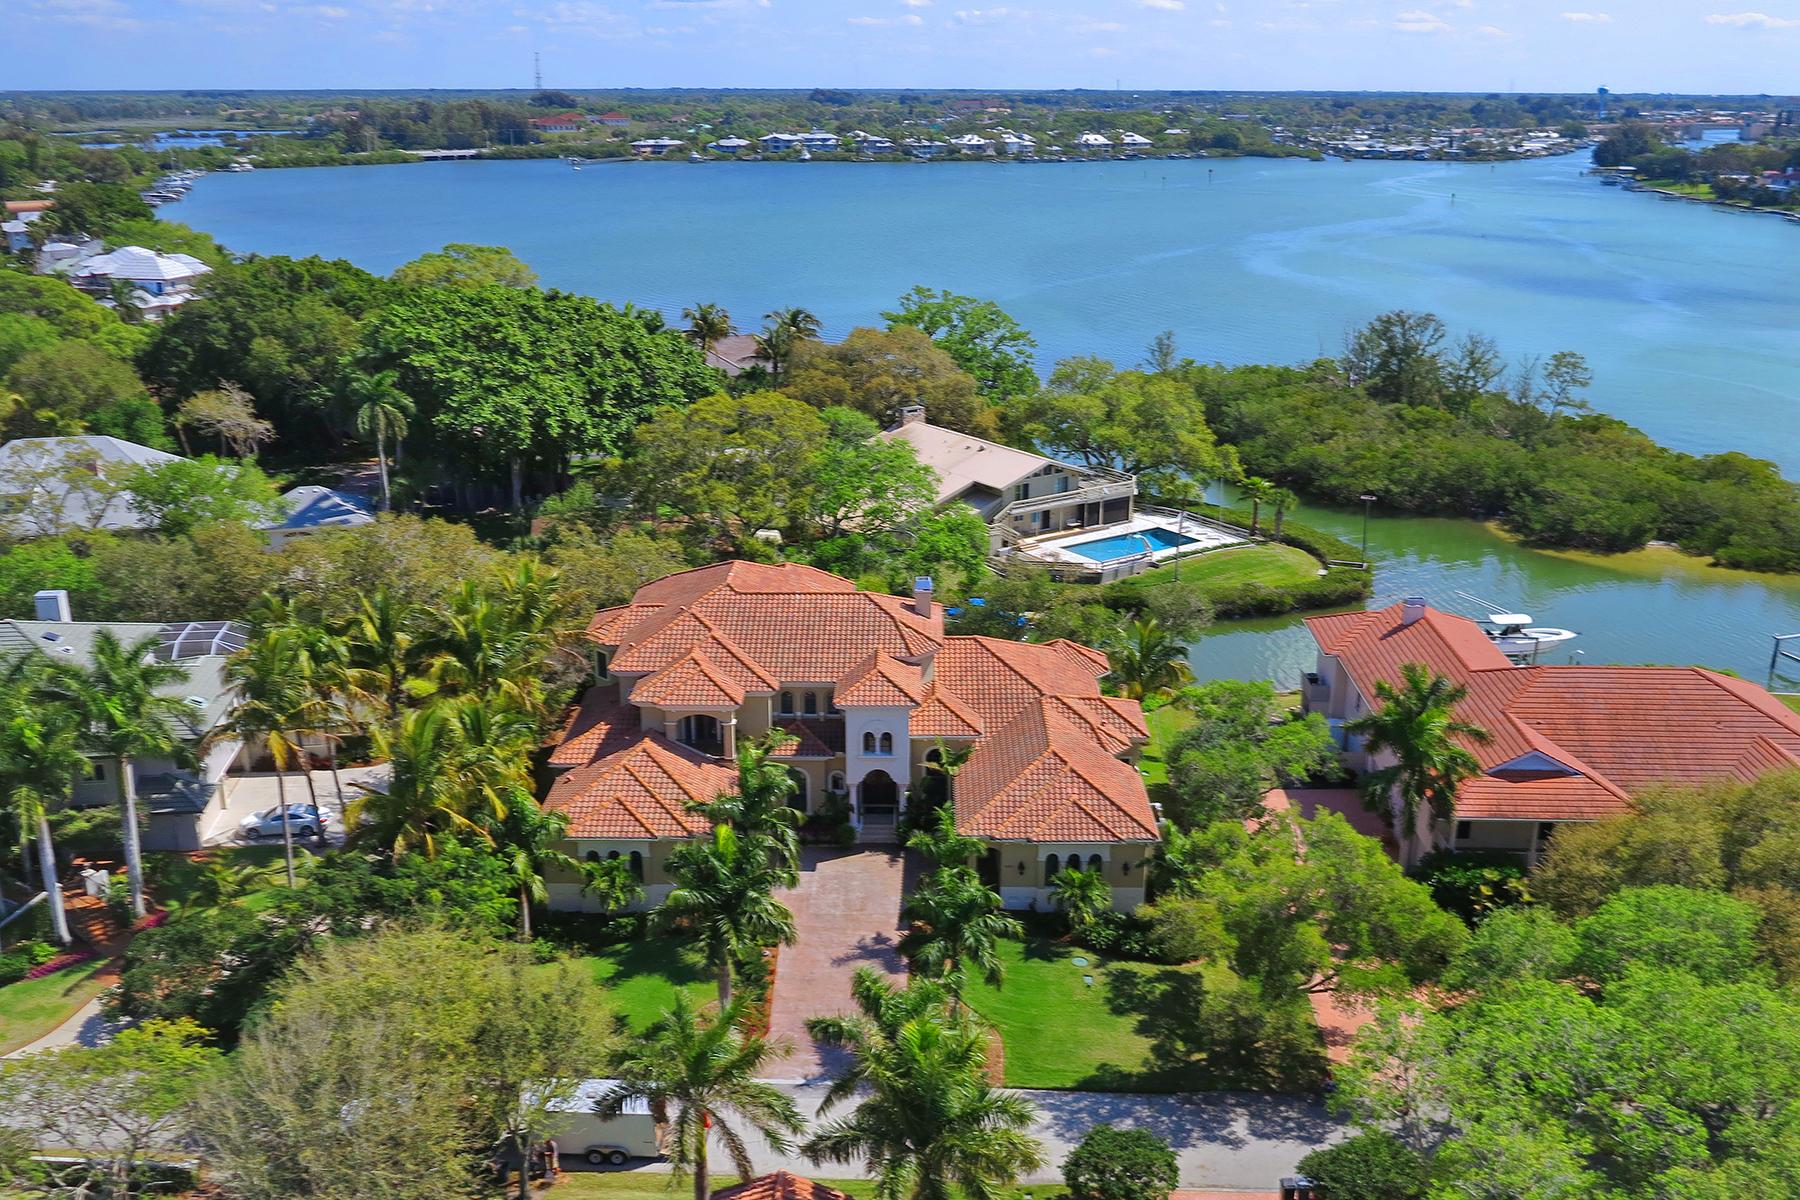 Casa para uma família para Venda às 457 Anchorage Dr , Nokomis, FL 34275 457 Anchorage Dr Nokomis, Florida, 34275 Estados Unidos